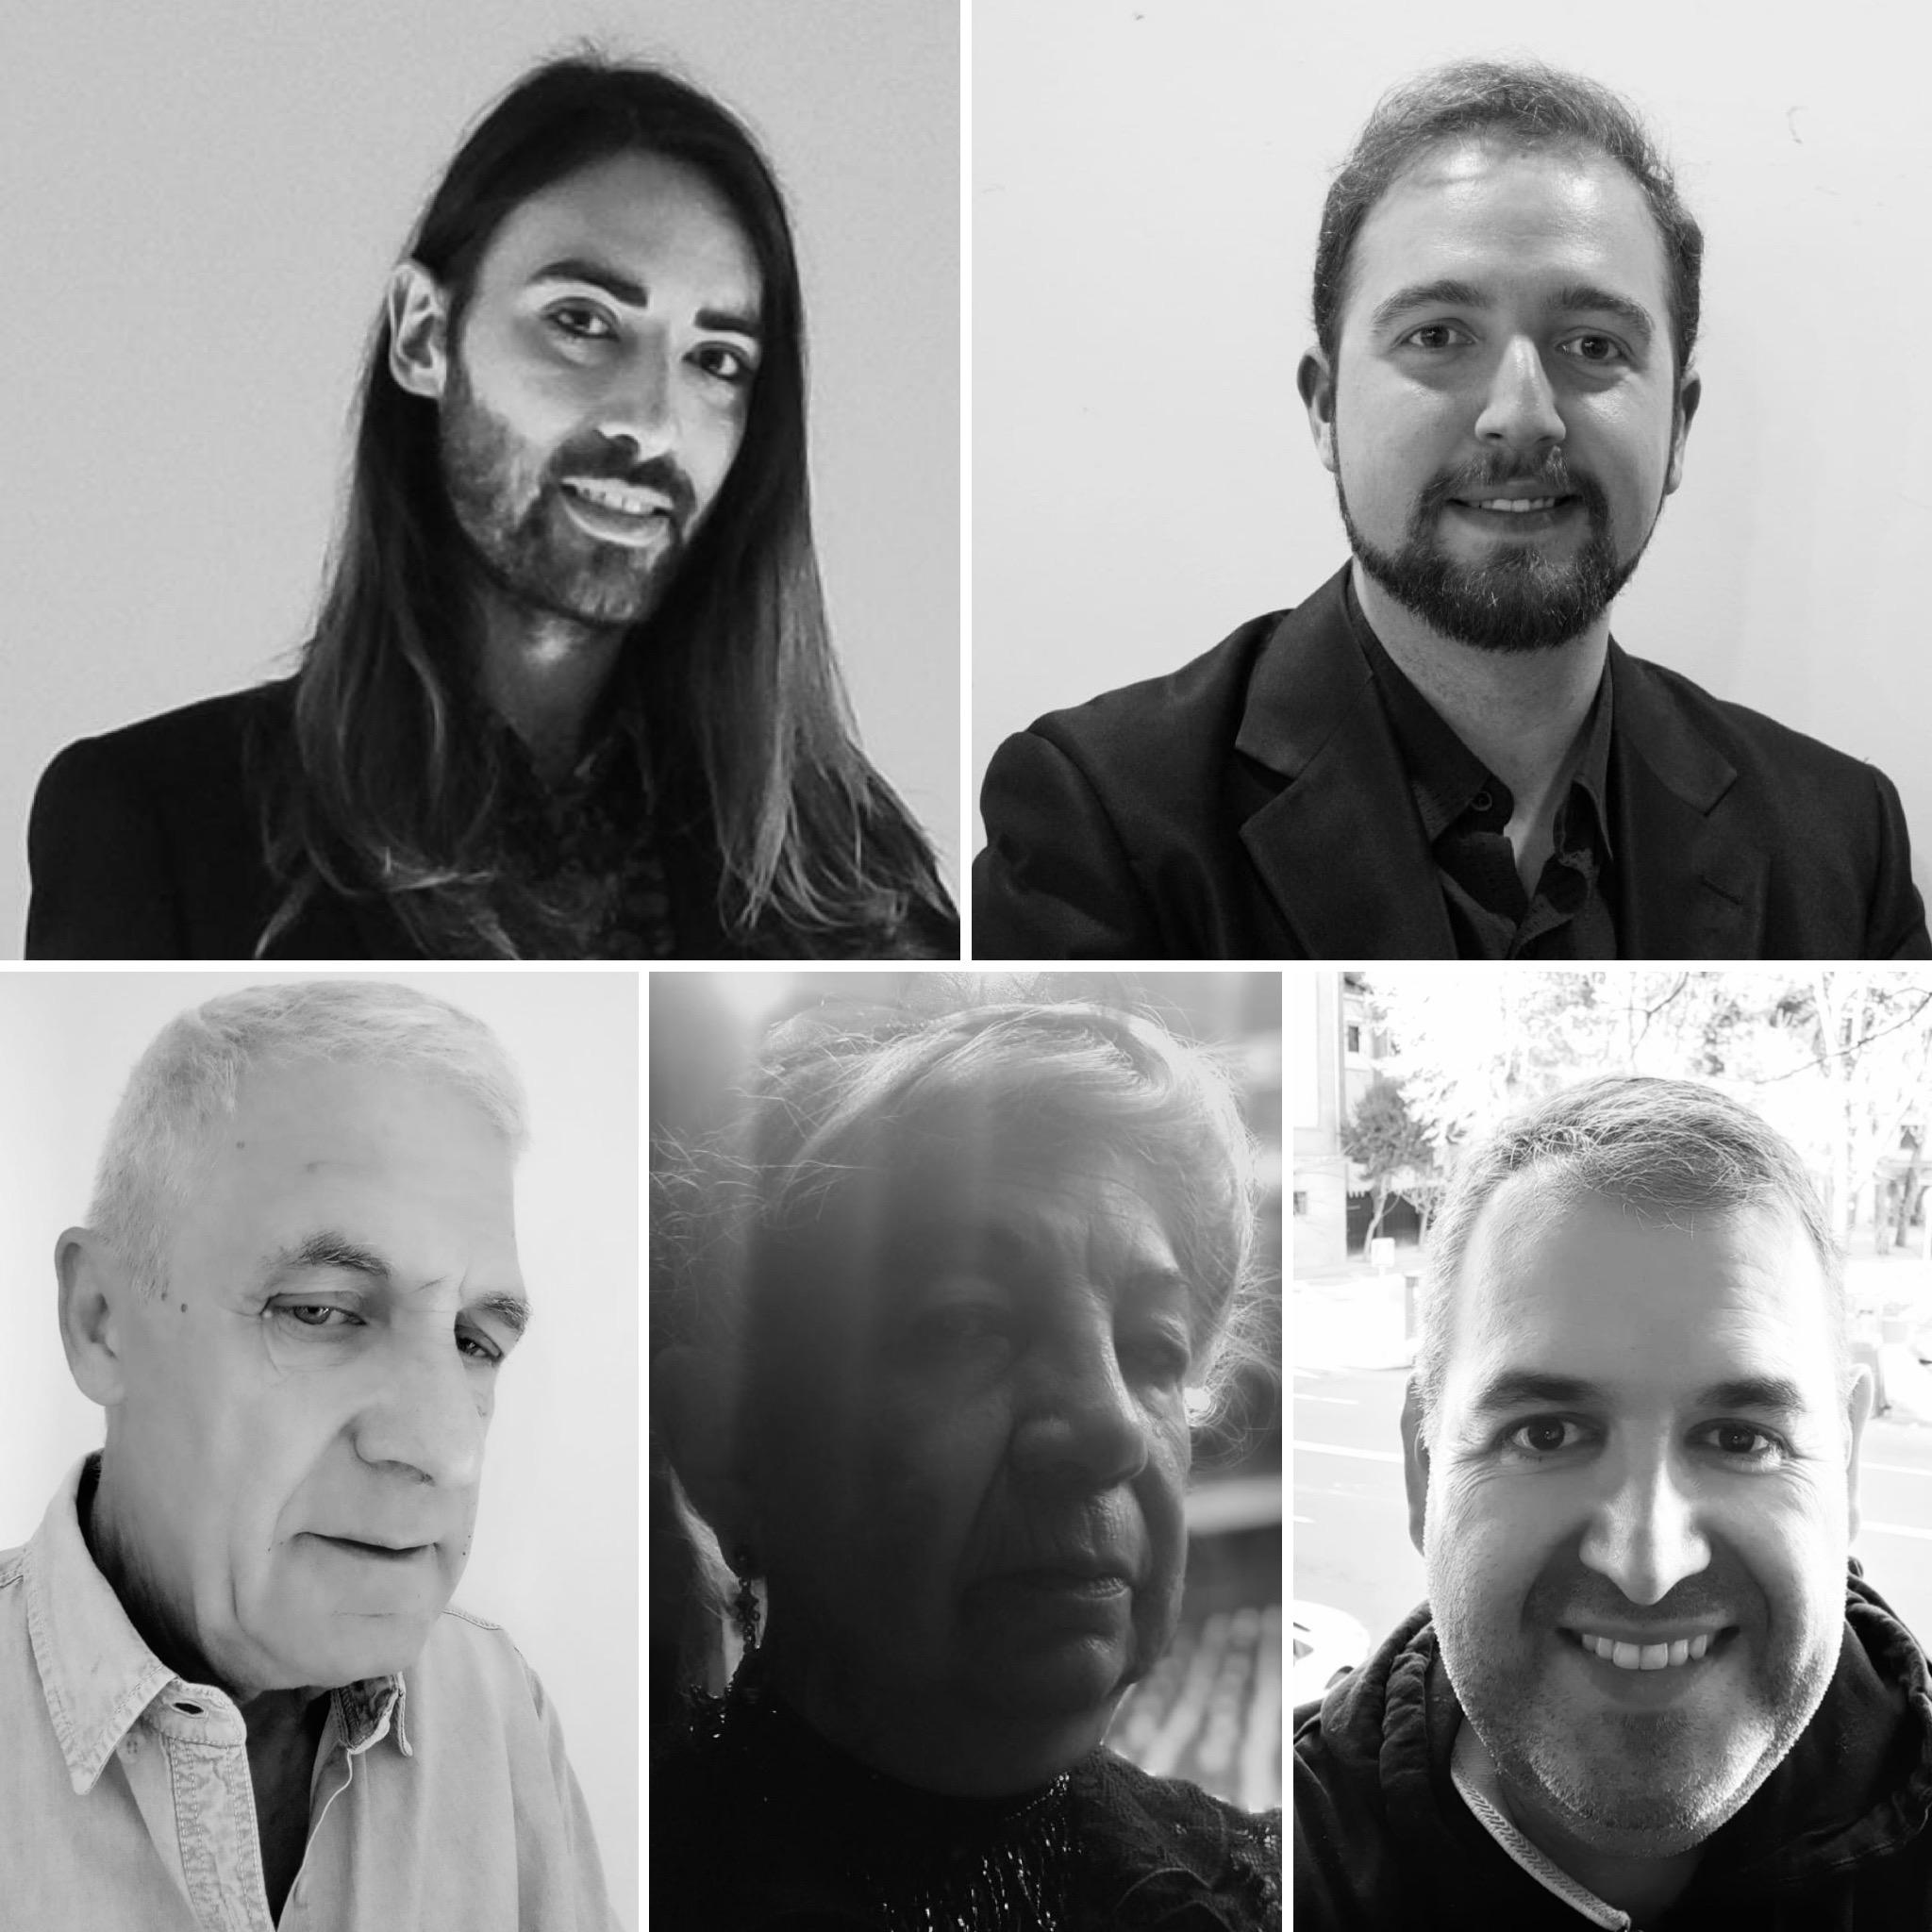 En el sentido de las agujas de un reloj: Alex Bometon (Nicolás), Ángel Luz Martín (Sánchez), Raúl Pérez (López), Encarnación Vázquez (Casimira) y Julio Valiño (Pérez).